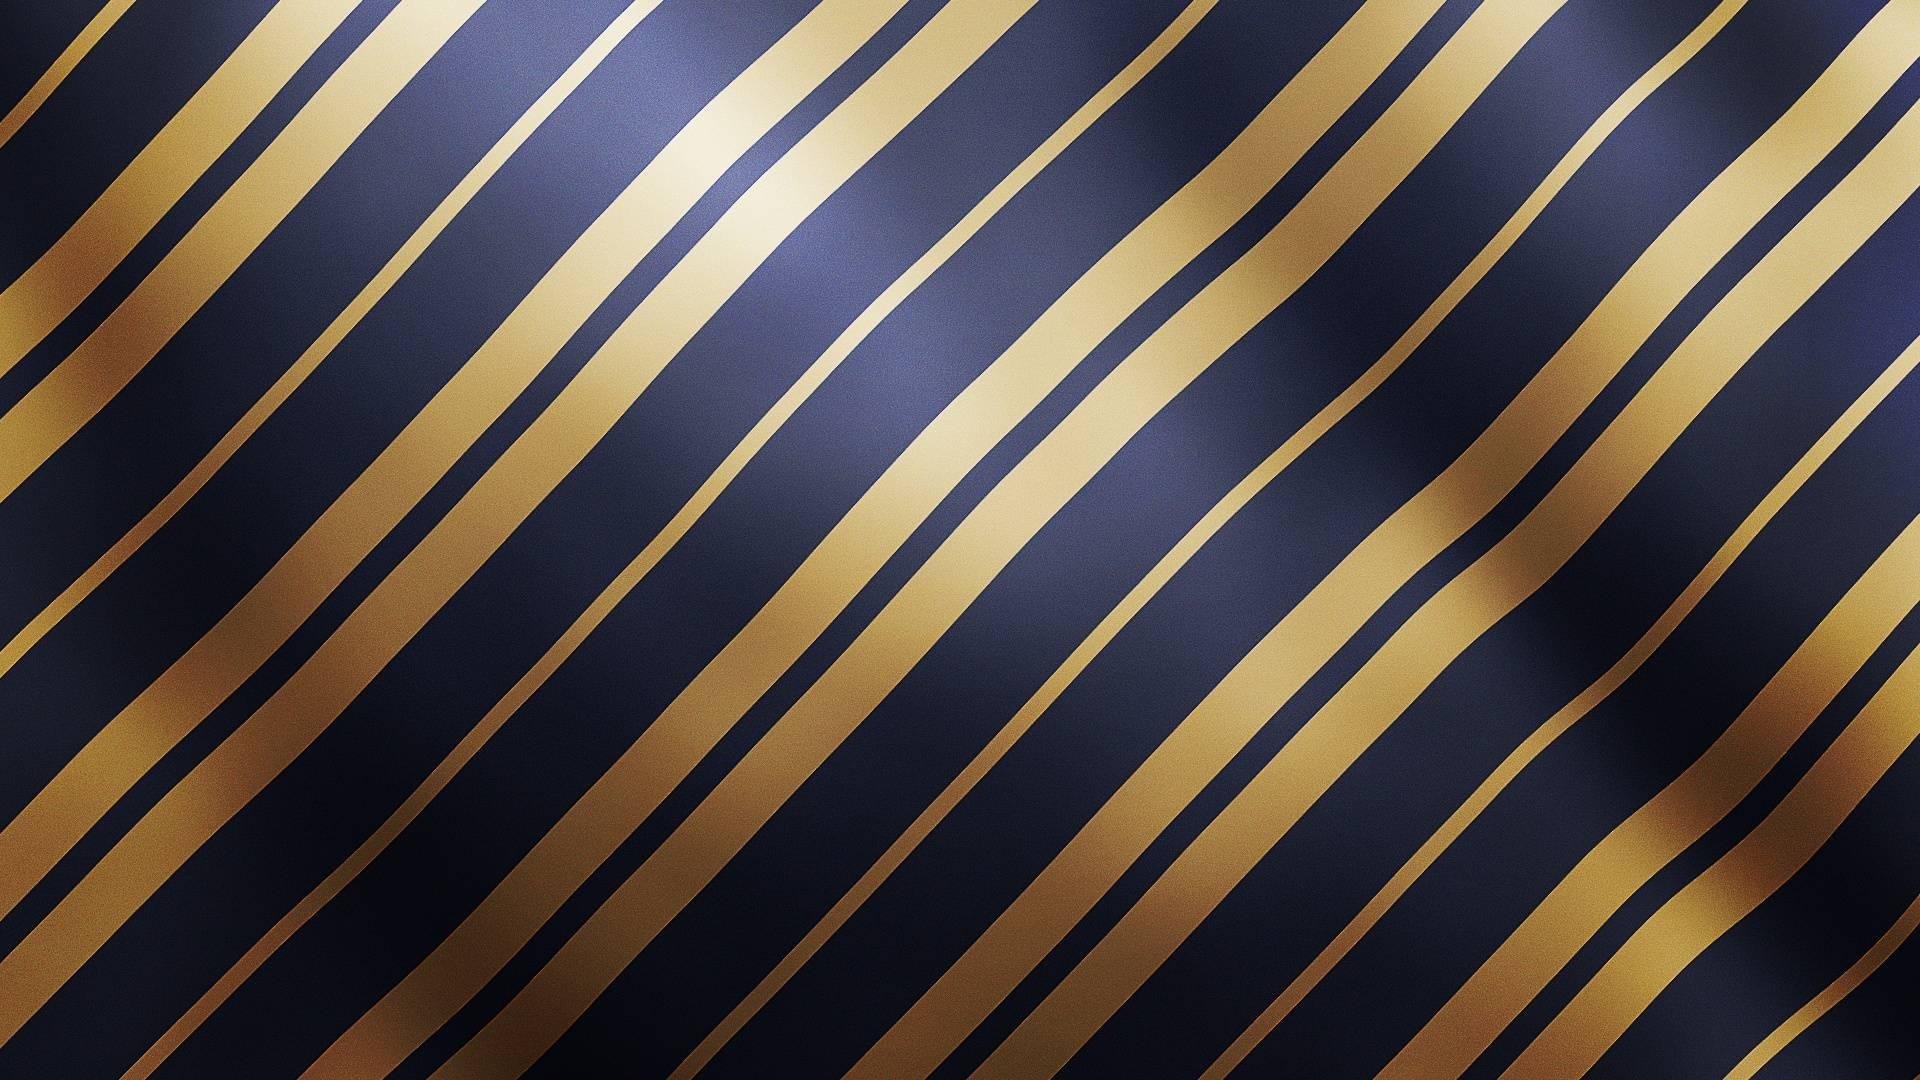 синий, золотой, полоски